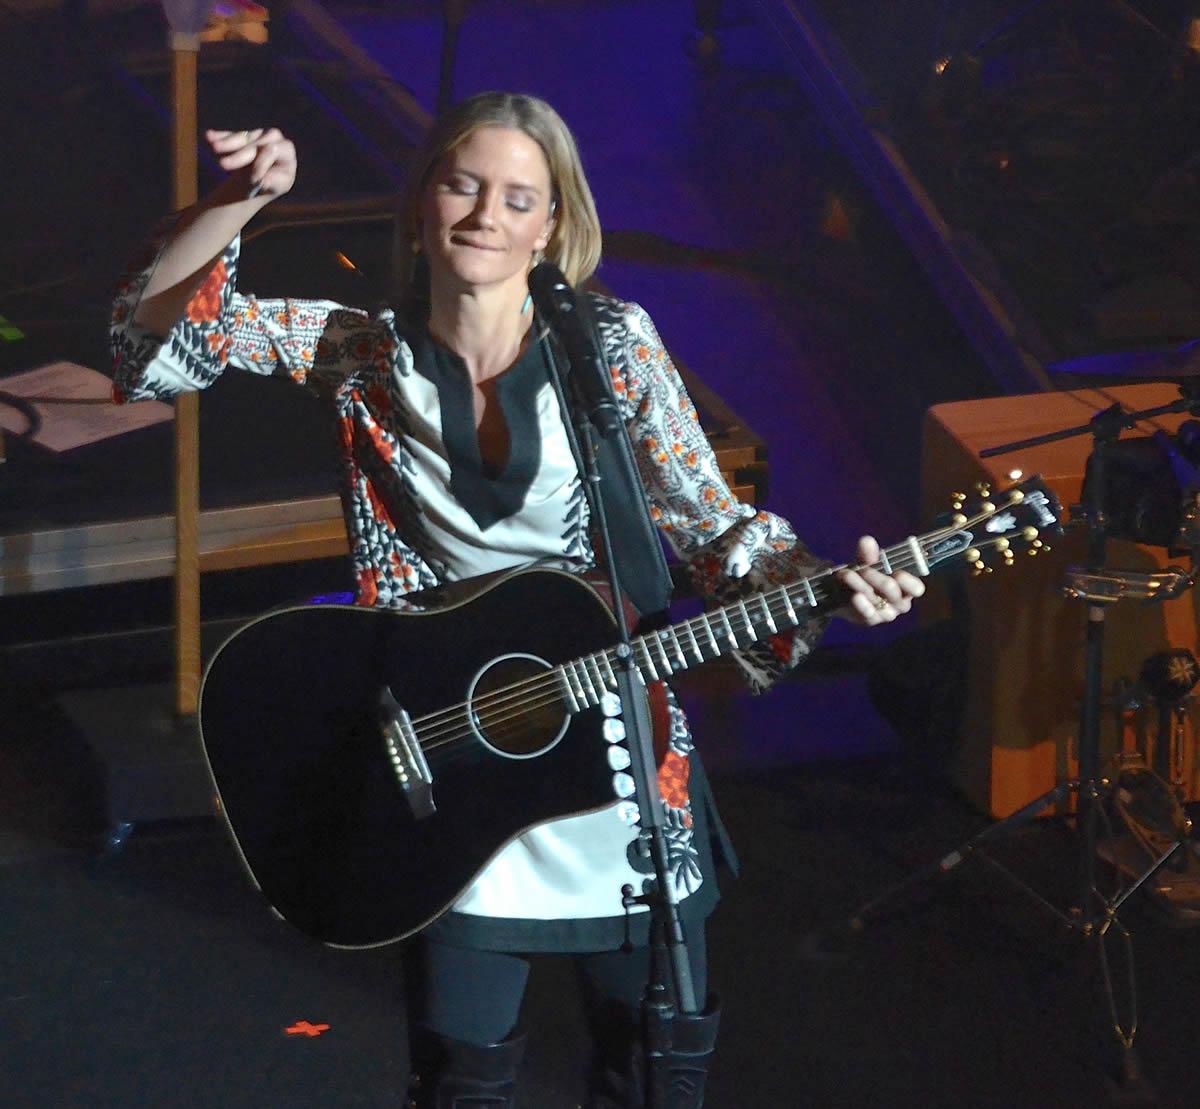 Jennifer Nettles @ House of Blues in Dallas, Texas | Photo by Joe Guzman